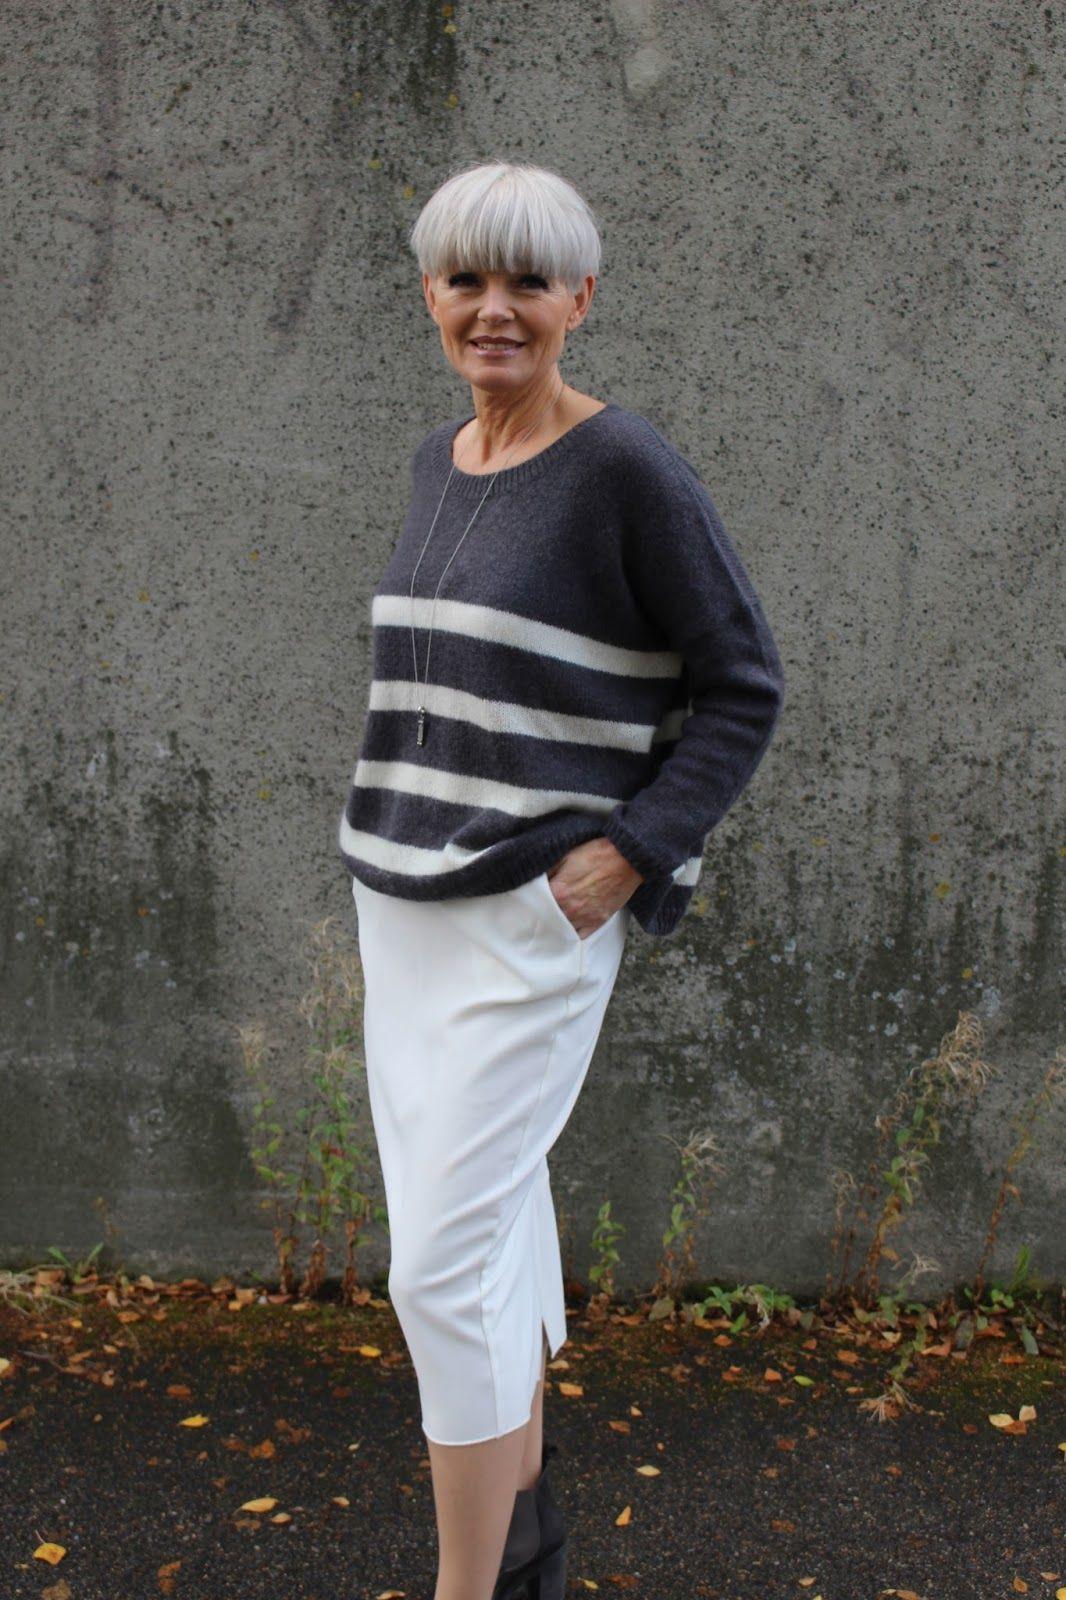 Mathildes verden | Модные стили, Причудливая мода, Мода для людей в возрасте